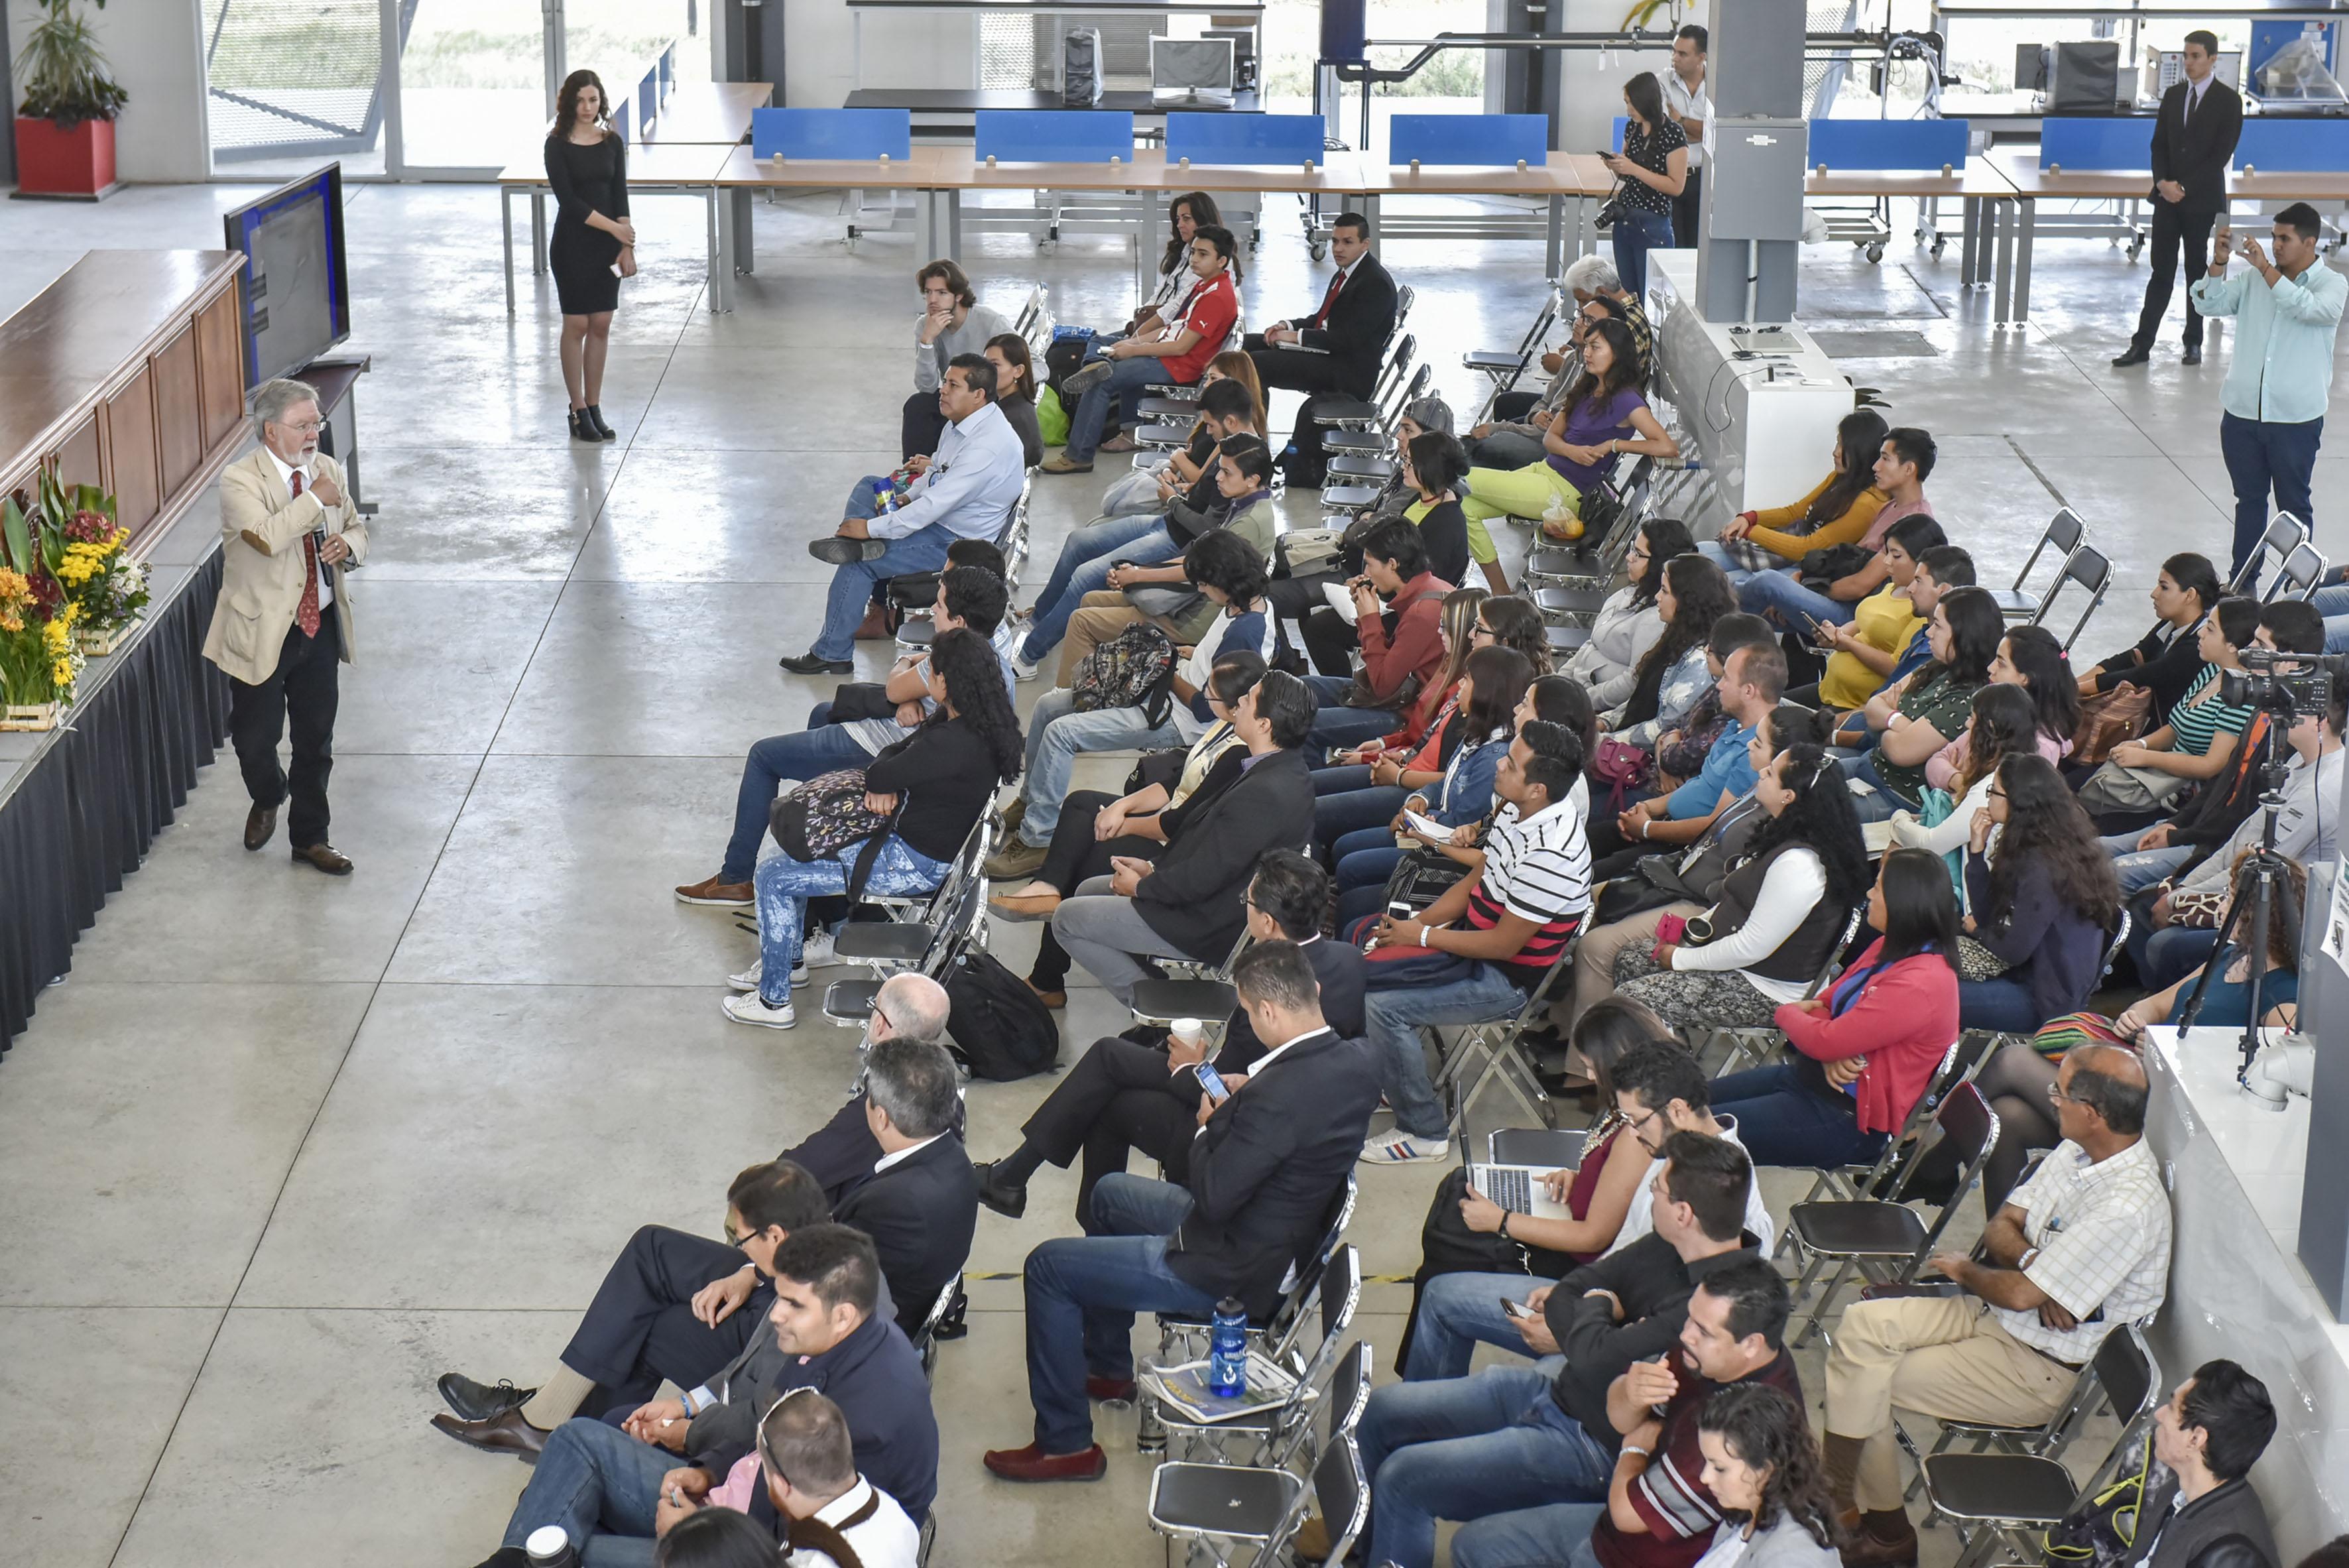 """Vista panorámica del público asistente a la conferencia """"Agua y Cambio Climatico"""", realizada en las instalaciones del Centro Universitario de Tonalá (CUTonalá)."""